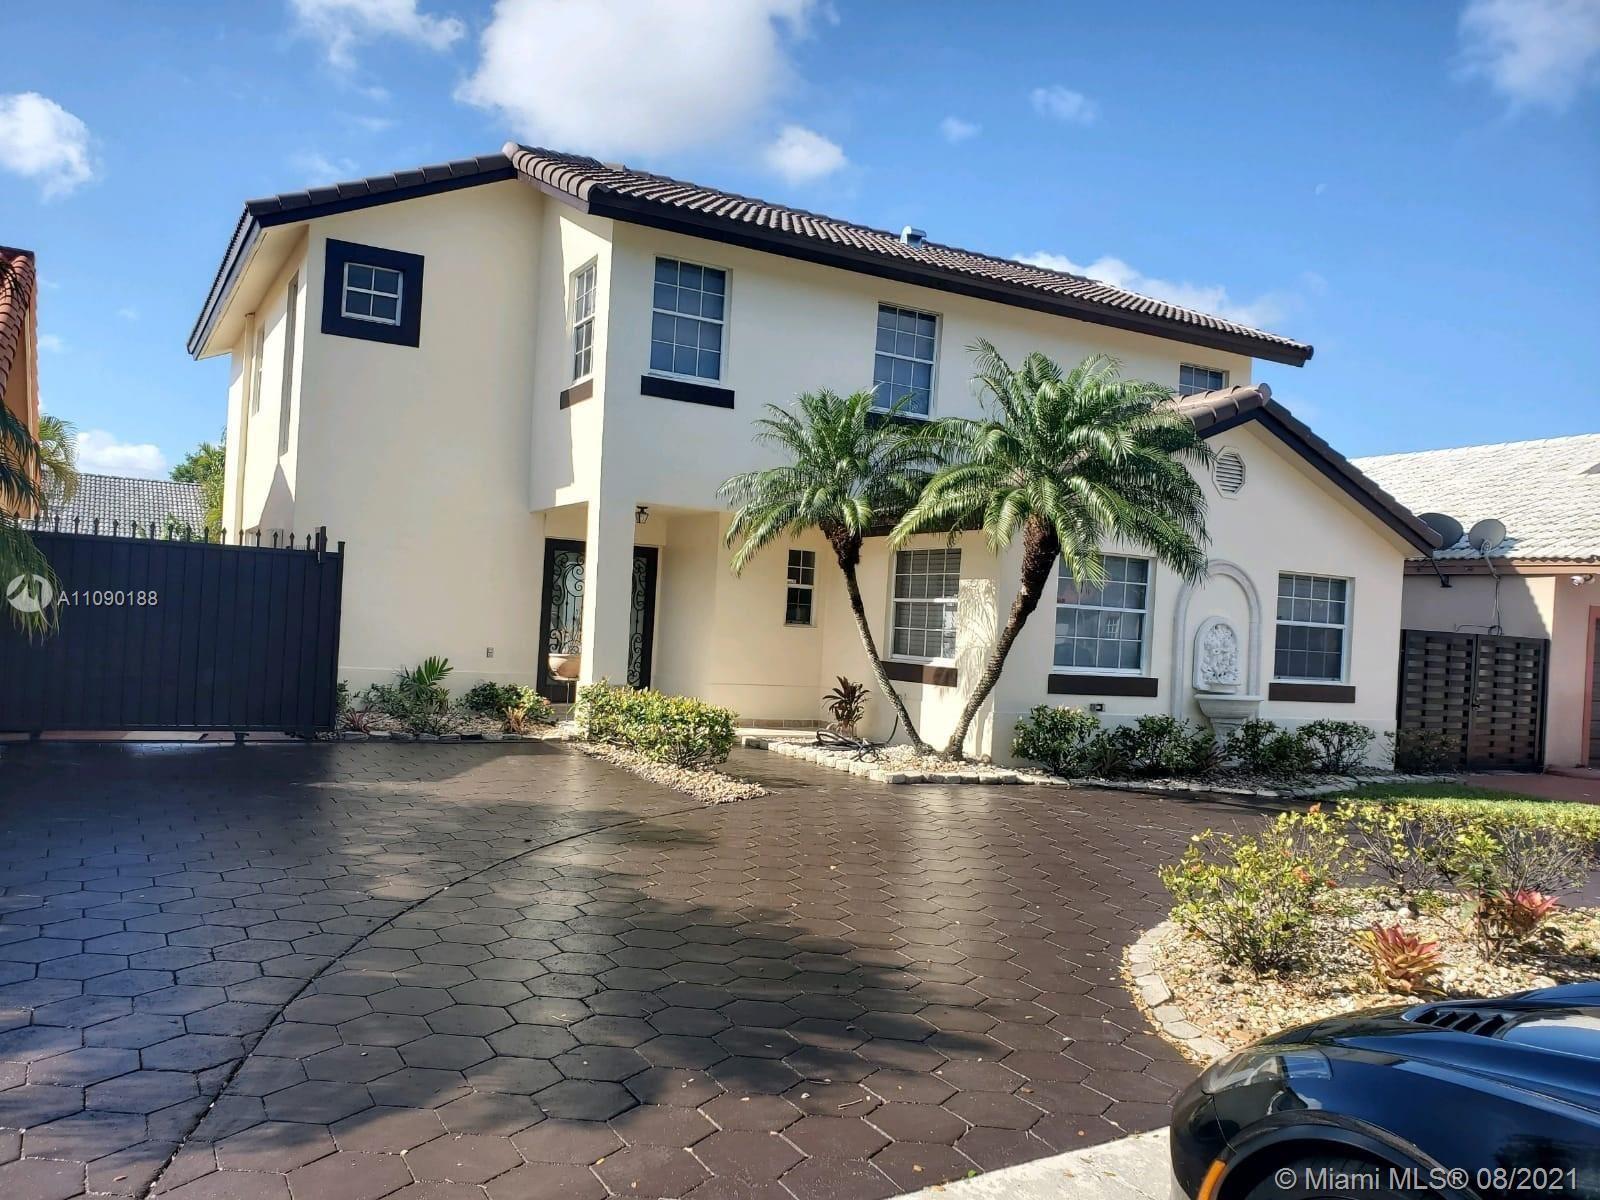 13394 NW 8th St, Miami, FL 33182 - #: A11090188